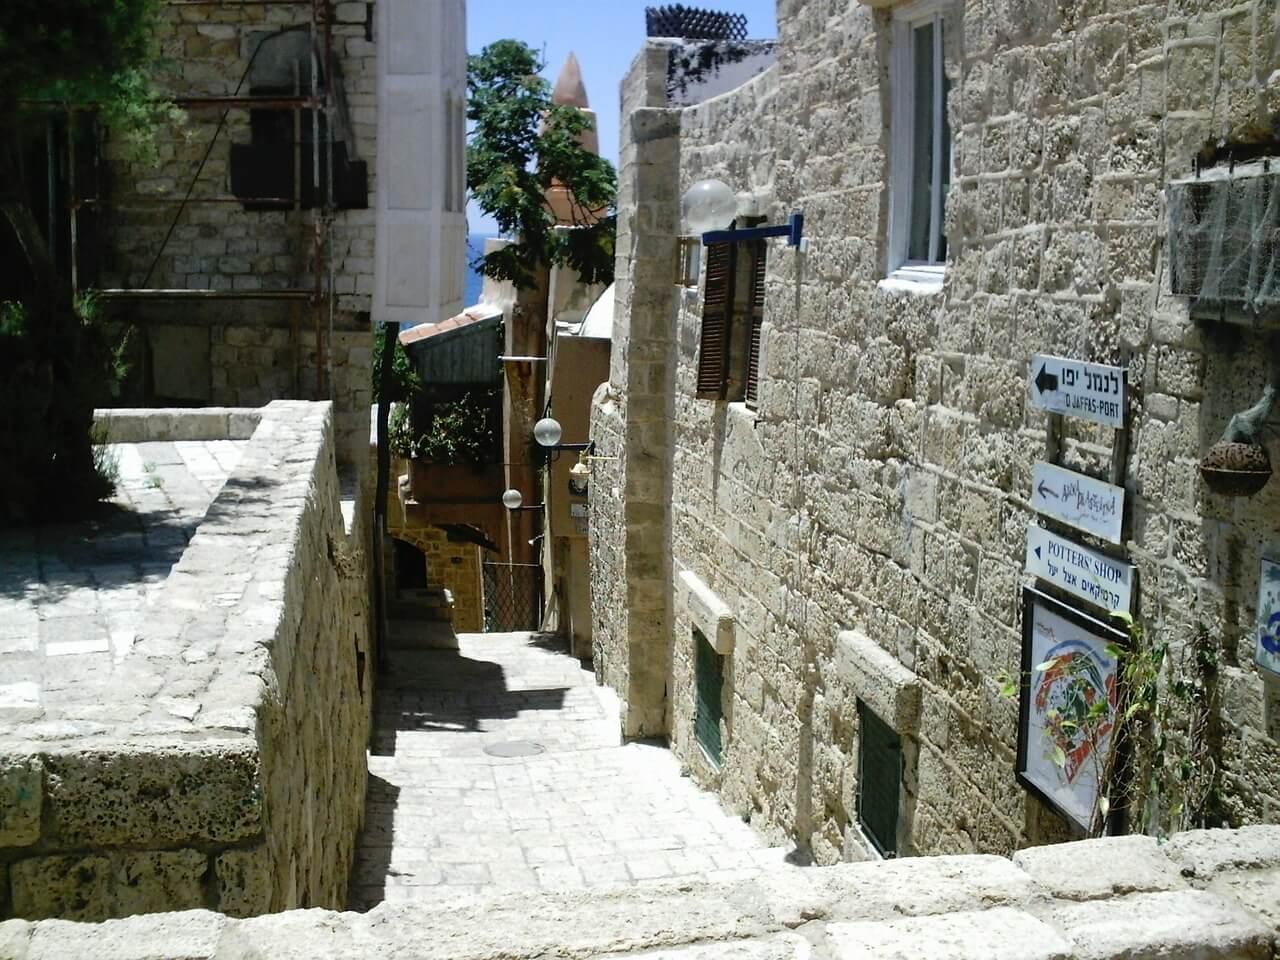 Calle de Jaffa, uno de los destinos al viajar a Israel